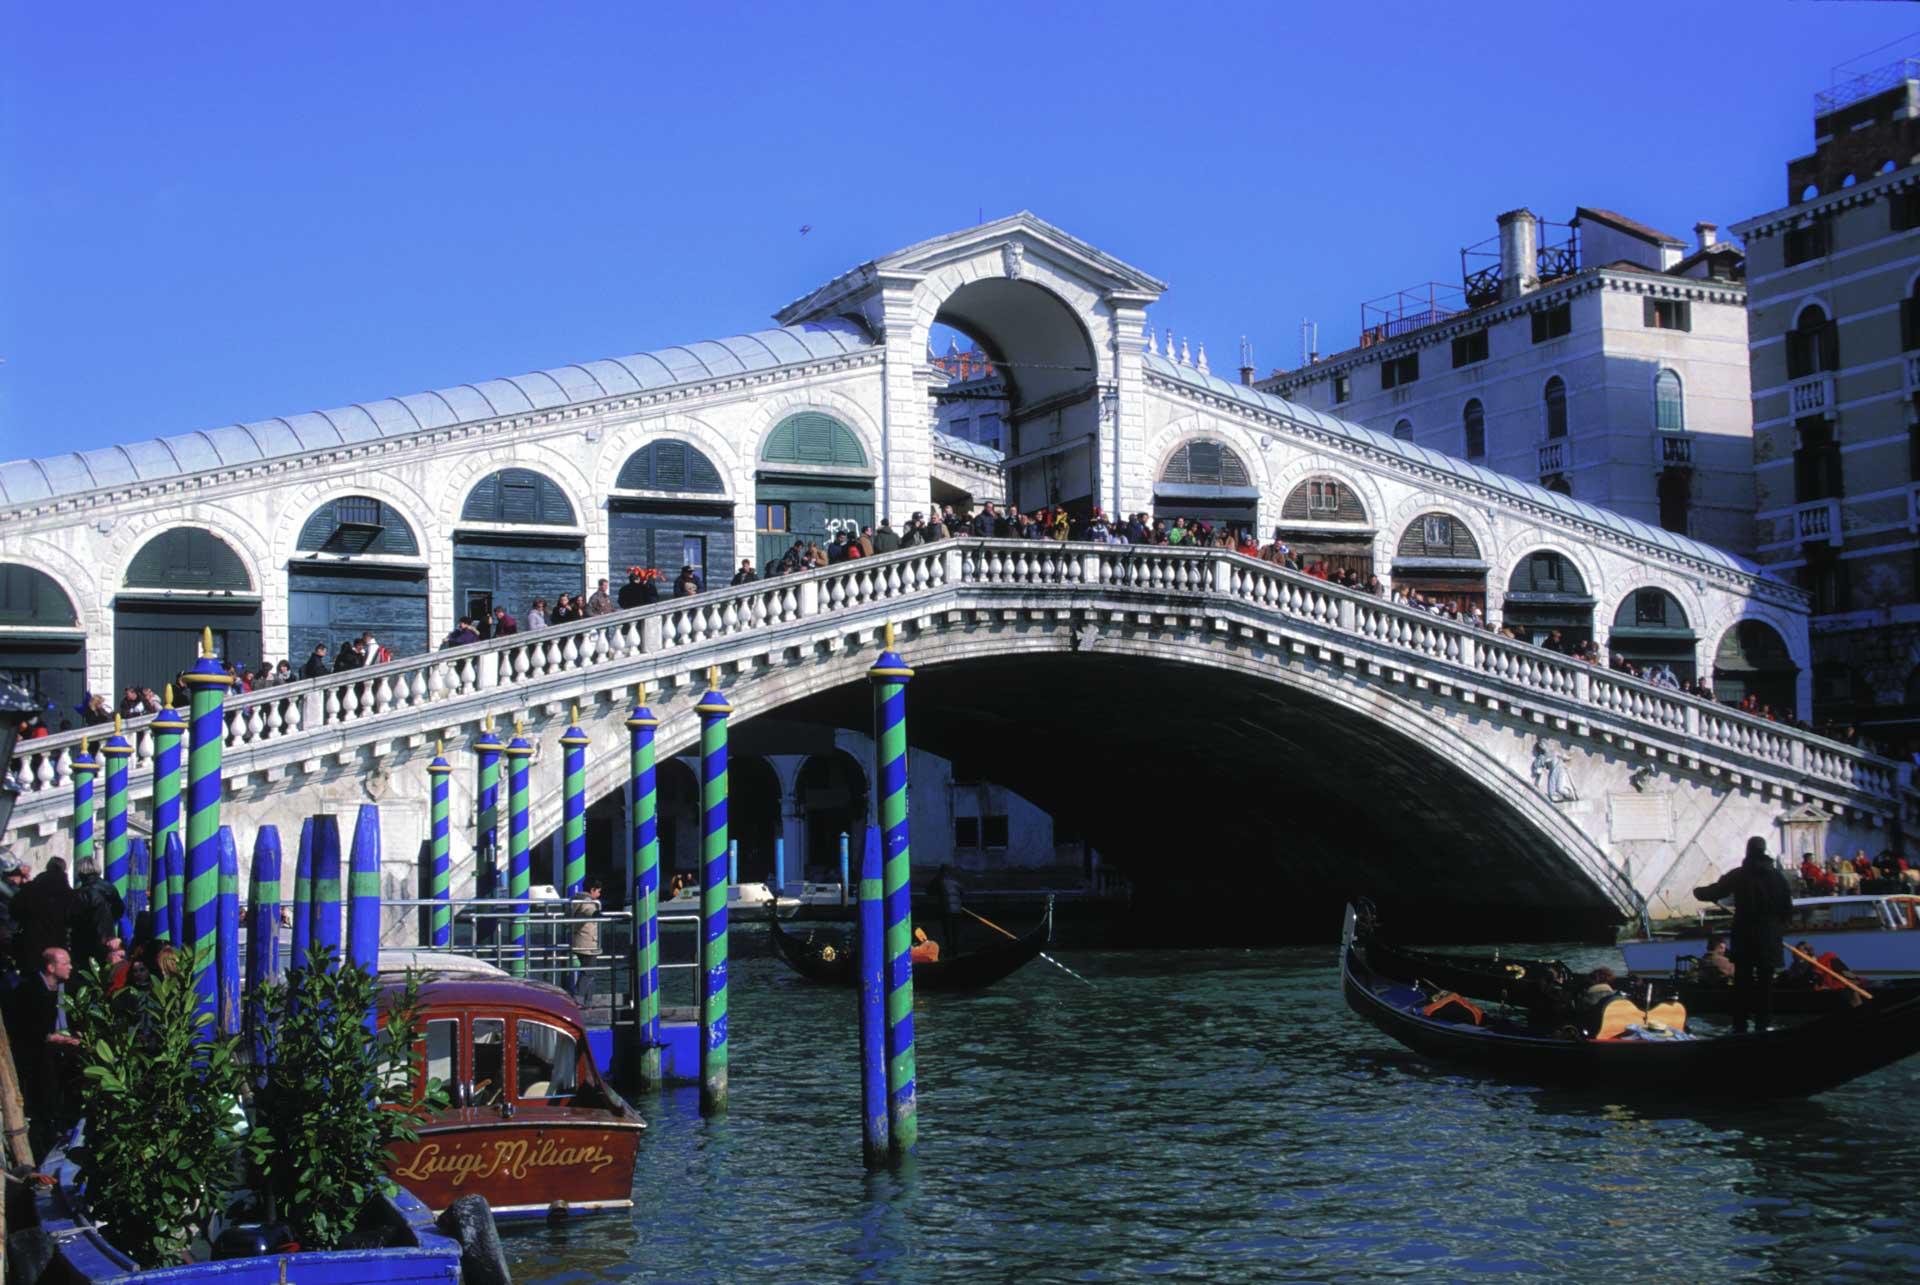 Guidad tur i Venedig Italien med Rialtobron